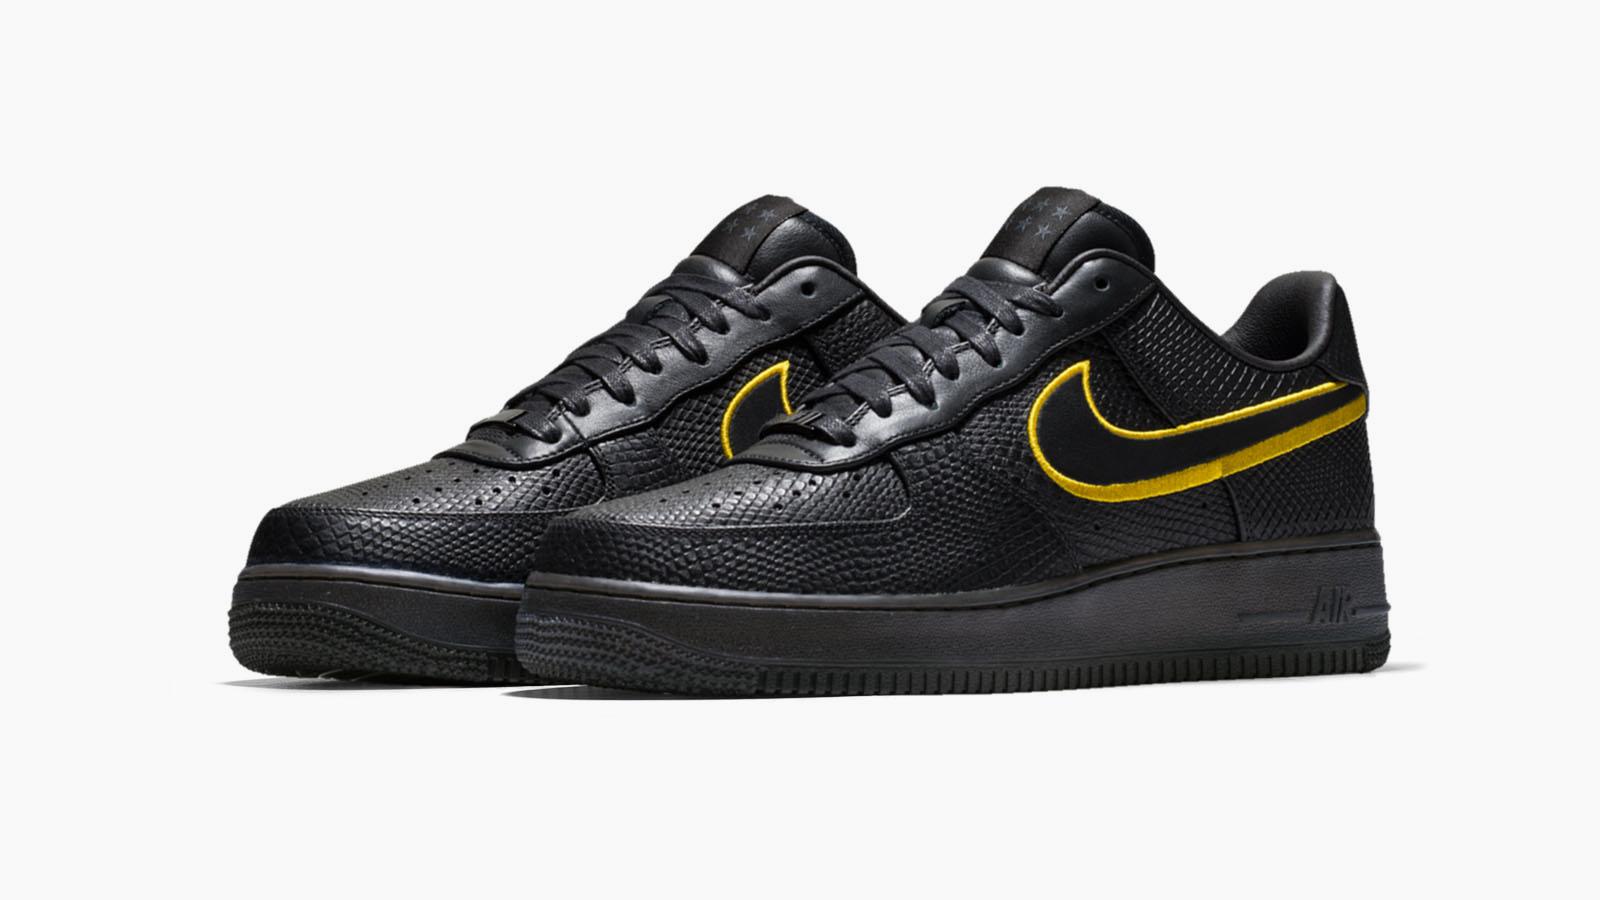 new arrival 28b79 36845 致敬黑曼巴 Nike Kobe Bryant Black Mamba Air Force 1 披上雙背號登場– KENLU.net